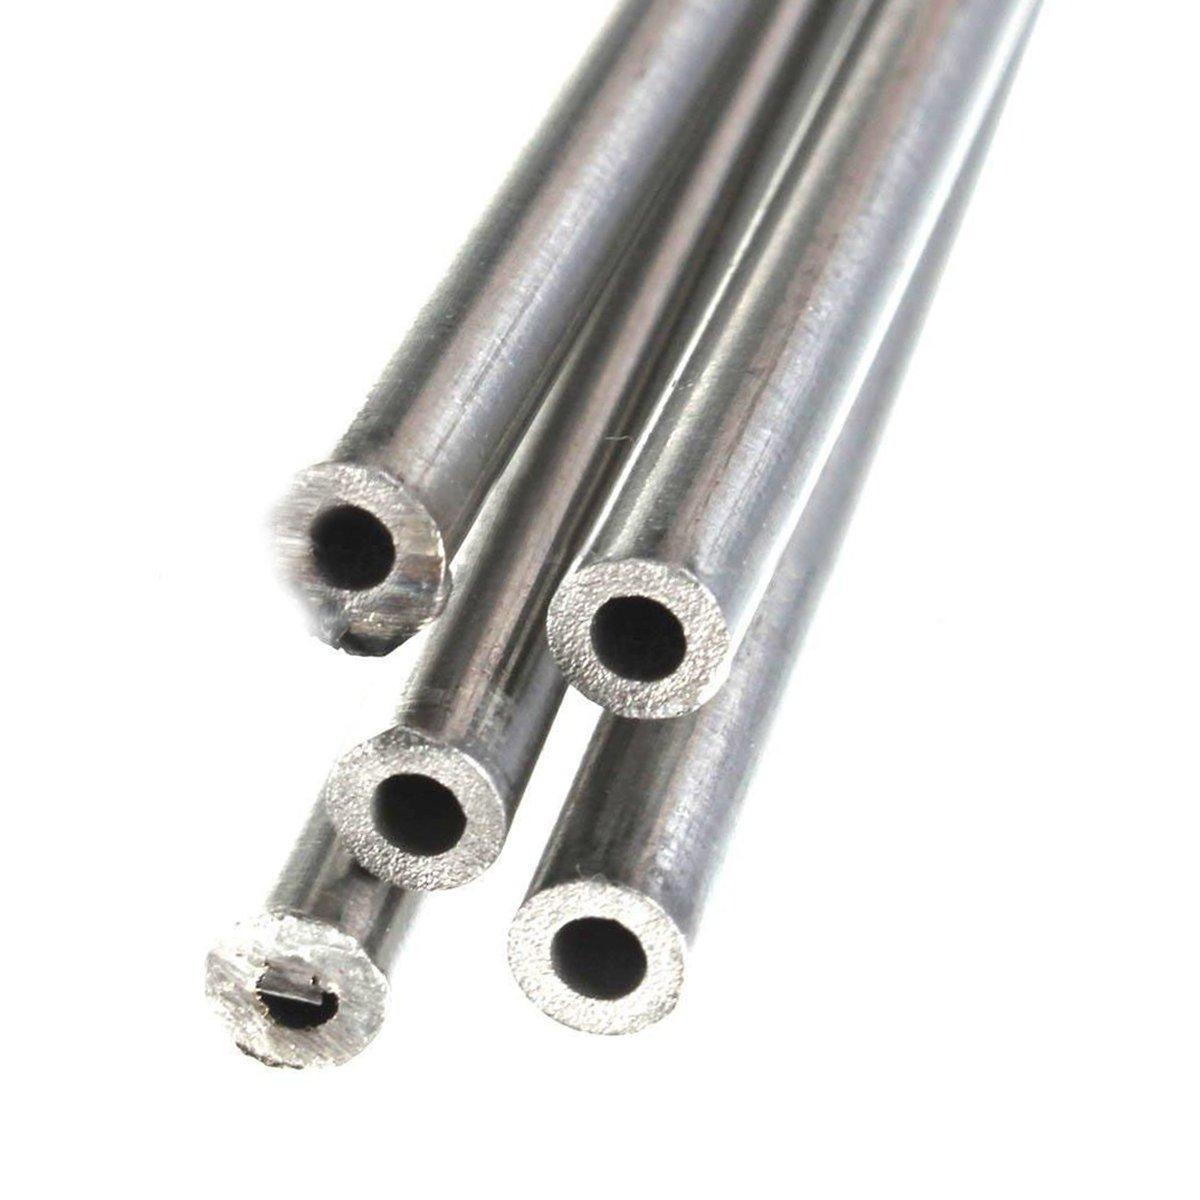 5 x 304 Acero Inoxidable Tubo Capilar Dd 3mm Id 2mm Longitud 250mm